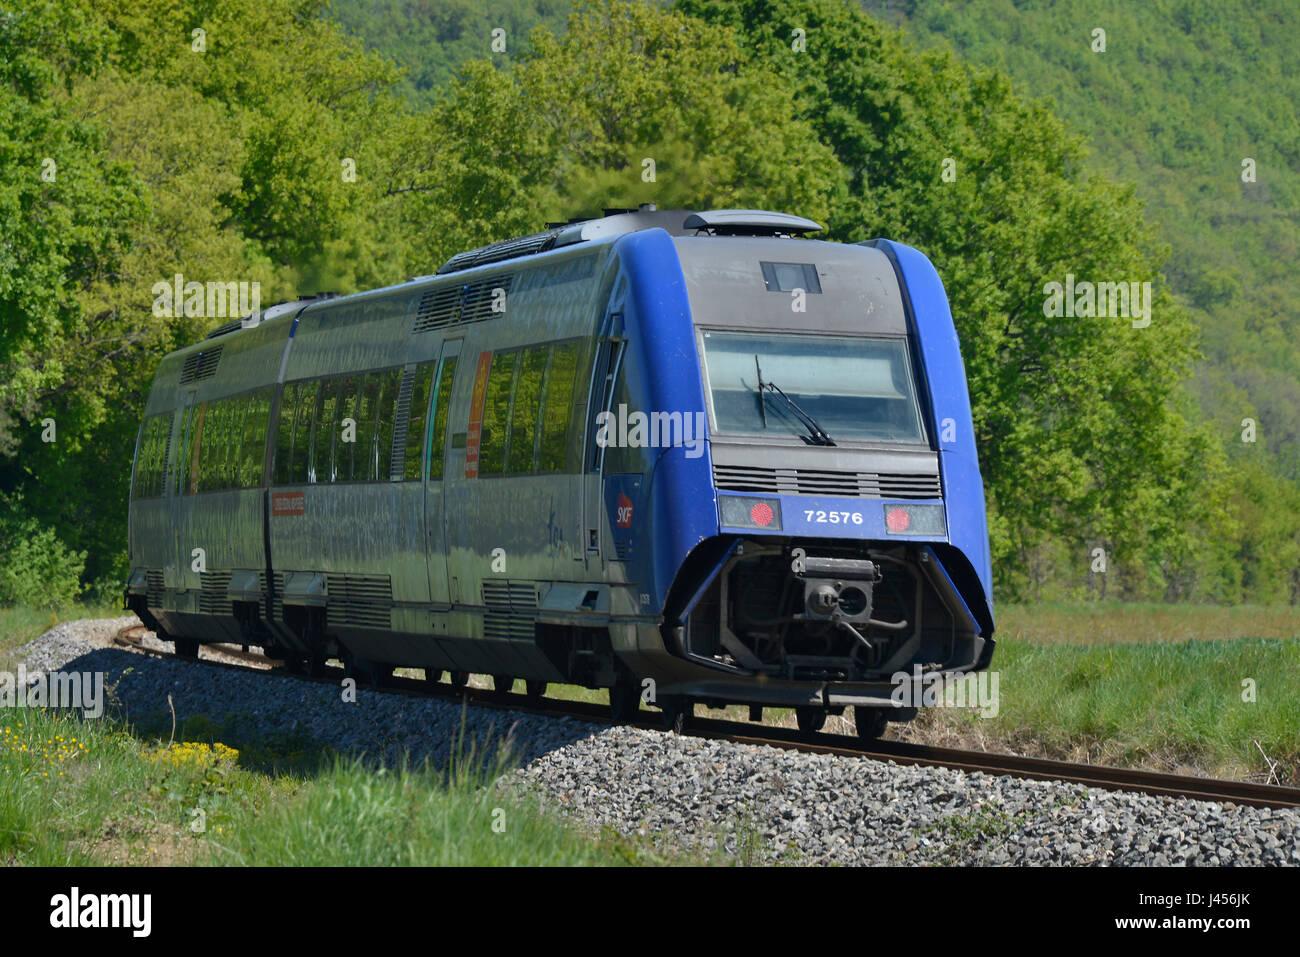 S-Bahn trägt noch die Midi-Pyrenees-Lackierung. Die Region heißt jetzt Occitanie. Frankreich. Stockbild